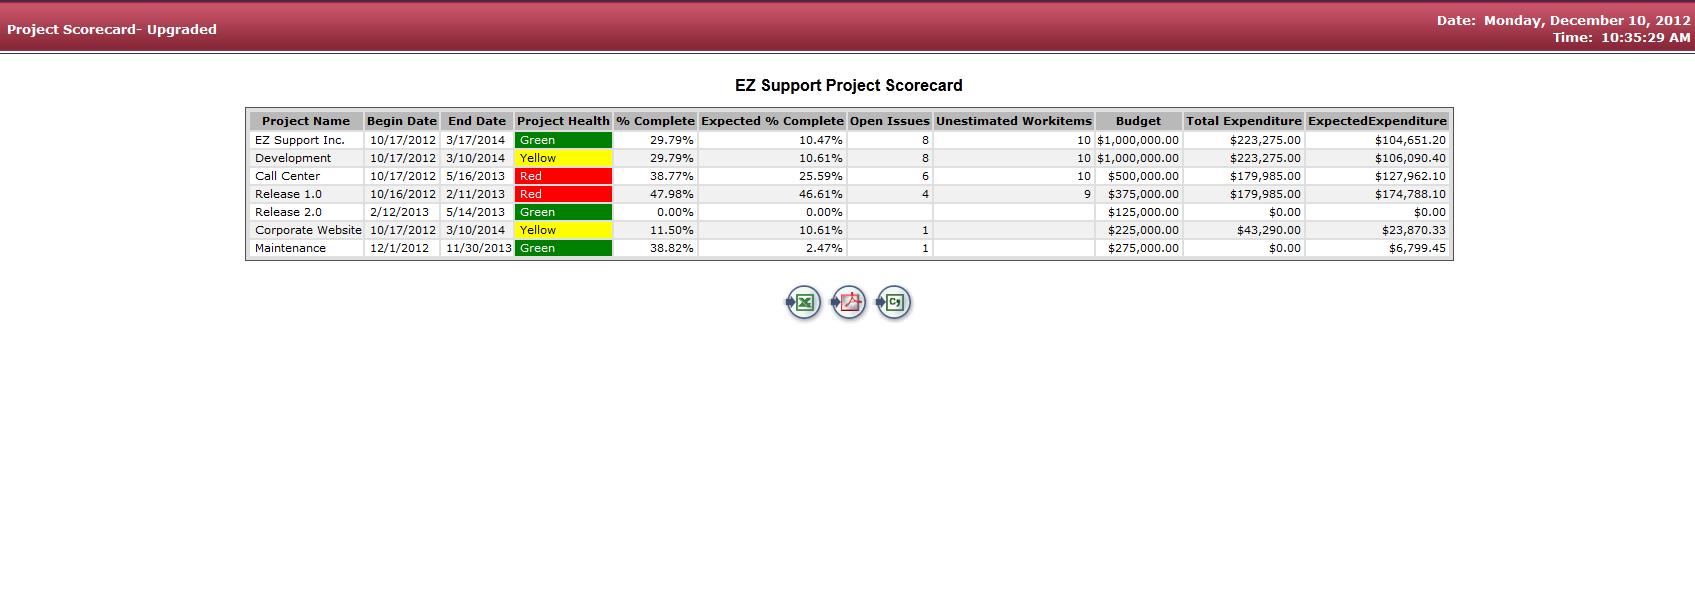 VersionOne Project Scorecard Report